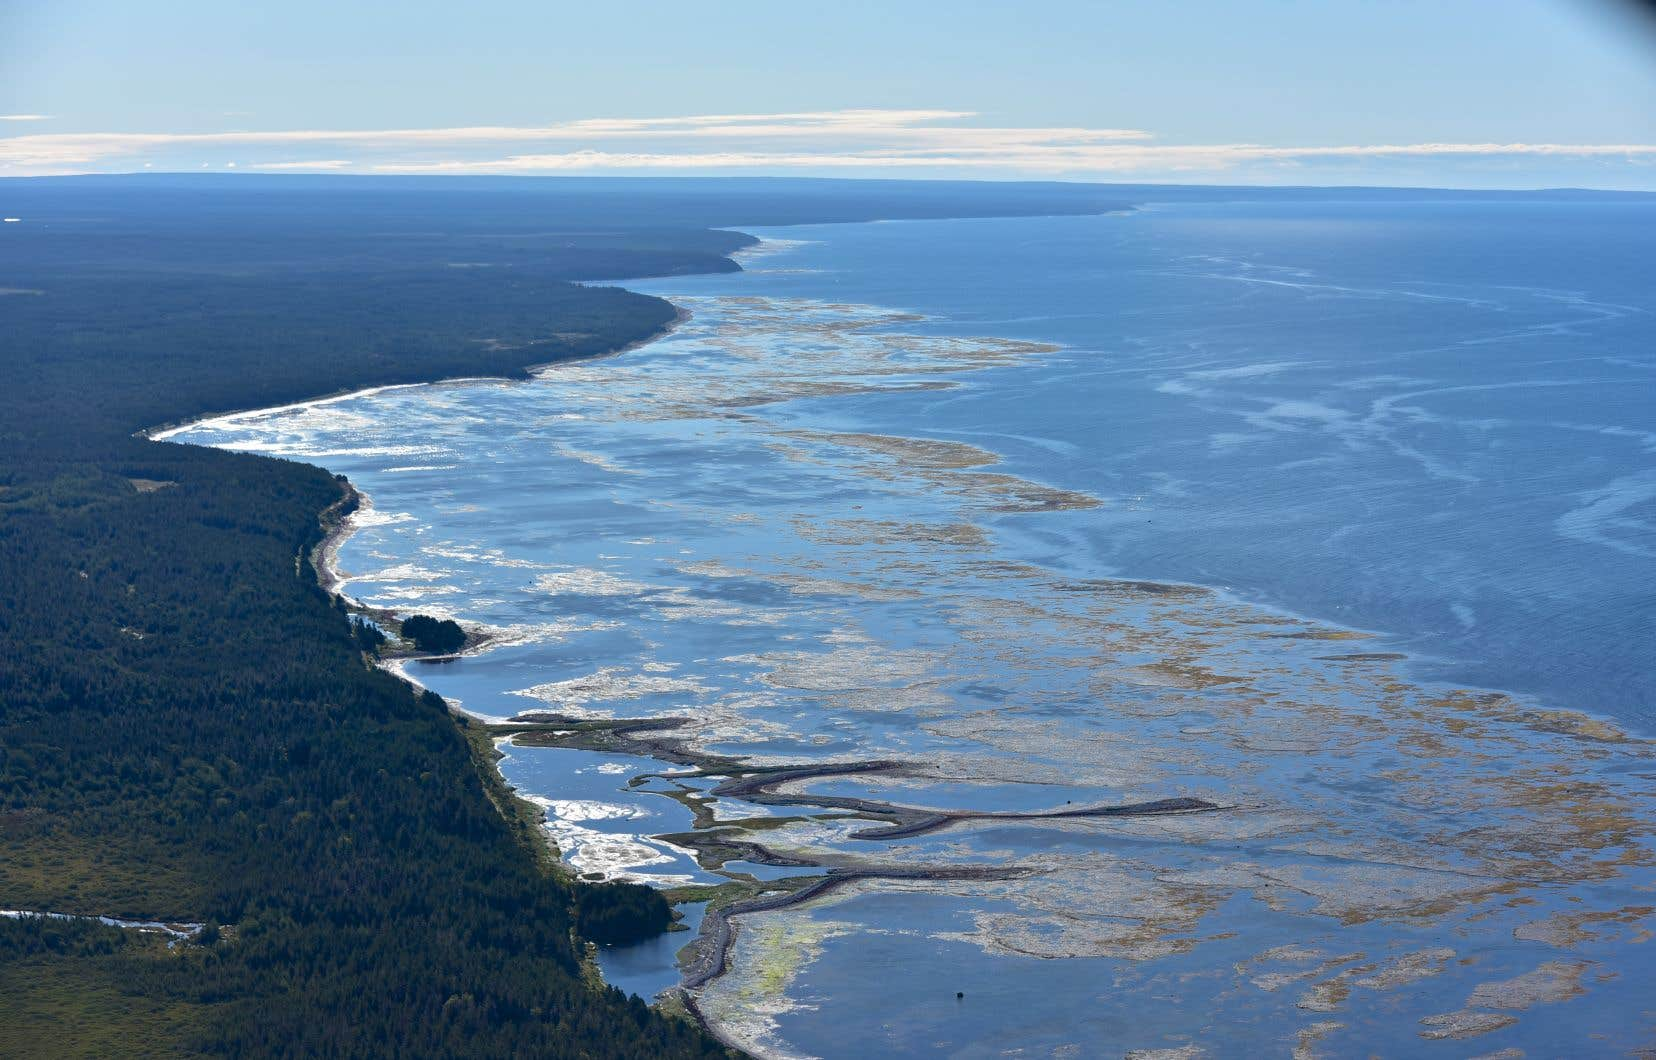 Pendant la campagne électorale, la Coalition avenir Québec s'est dit ouverte à l'idée d'évaluer de nouveaux projets d'exploration pétrolière sur l'île d'Anticosti.